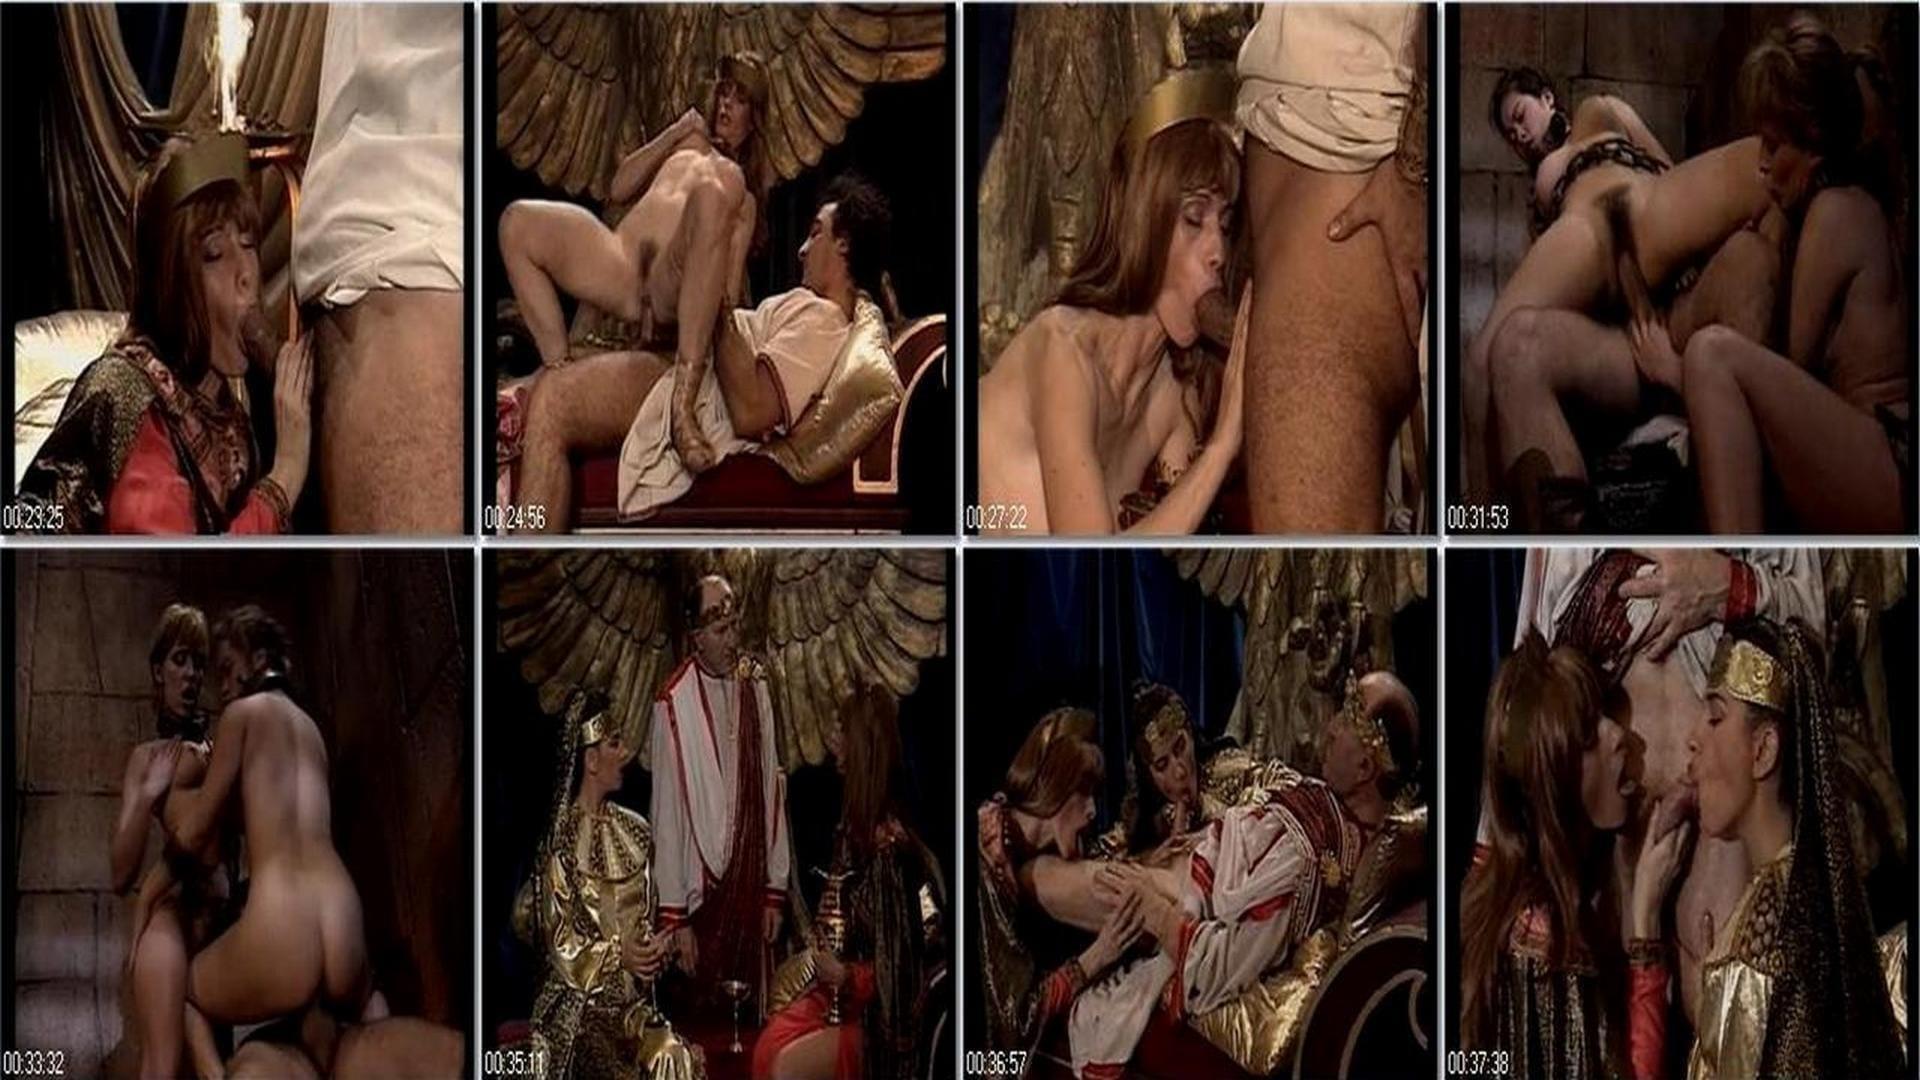 kaligula-i-seks-v-rime-na-video